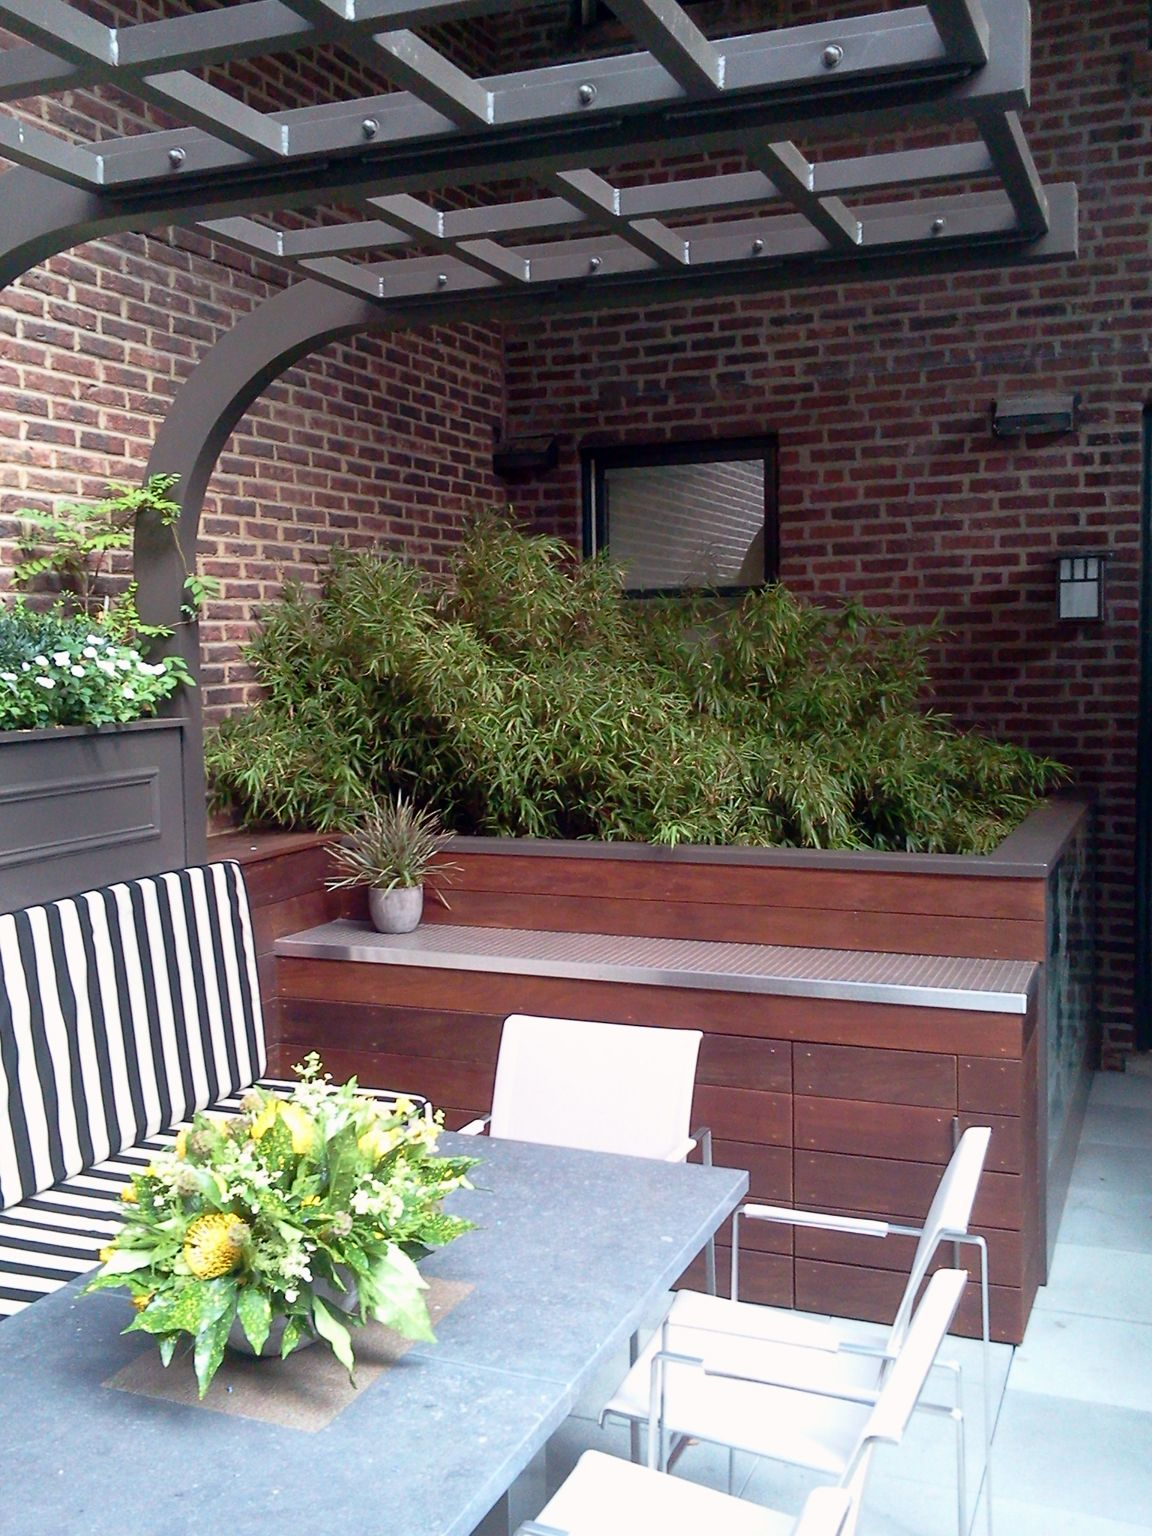 Chicago Roof Deck Urban Garden Landscape Design